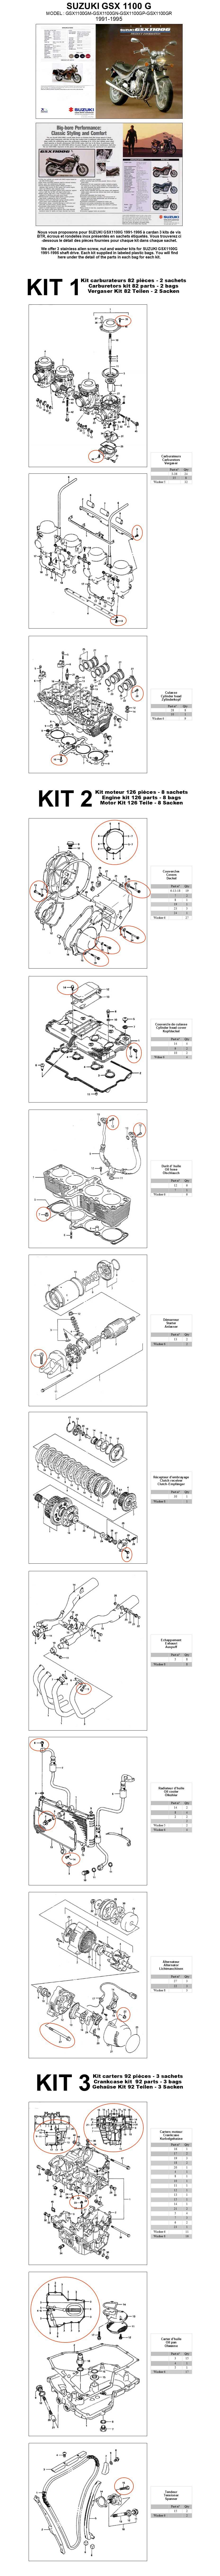 medium resolution of suzuki ds80 wiring diagram suzuki on suzuki rf900r wiring diagram